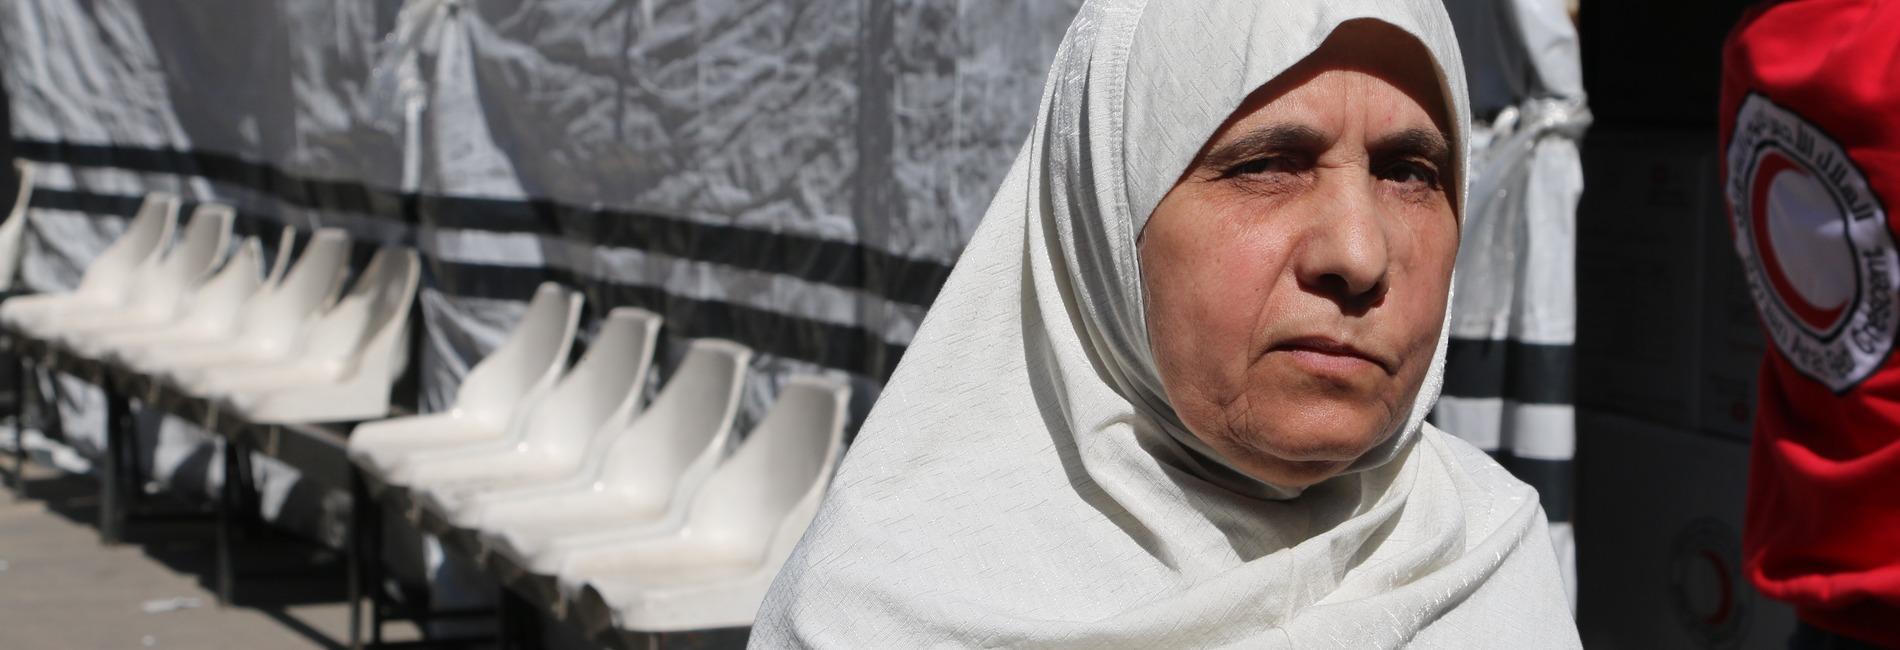 Hygienekits für Bedürftige in Damaskus